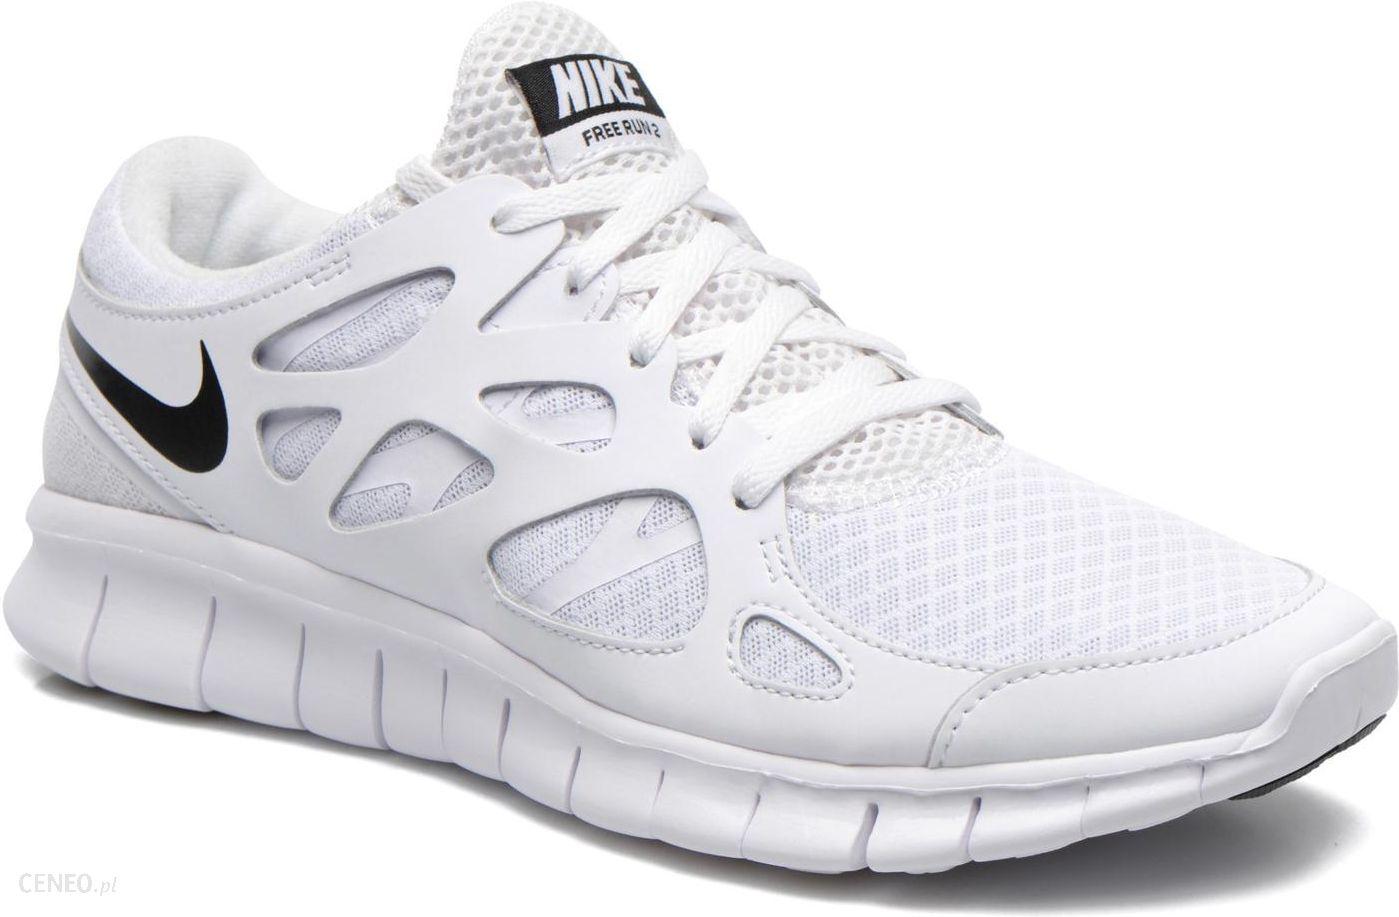 newest d9ef4 da5b8 Tenisówki i trampki Nike Free Run 2 Nsw by Nike - zdjęcie 1